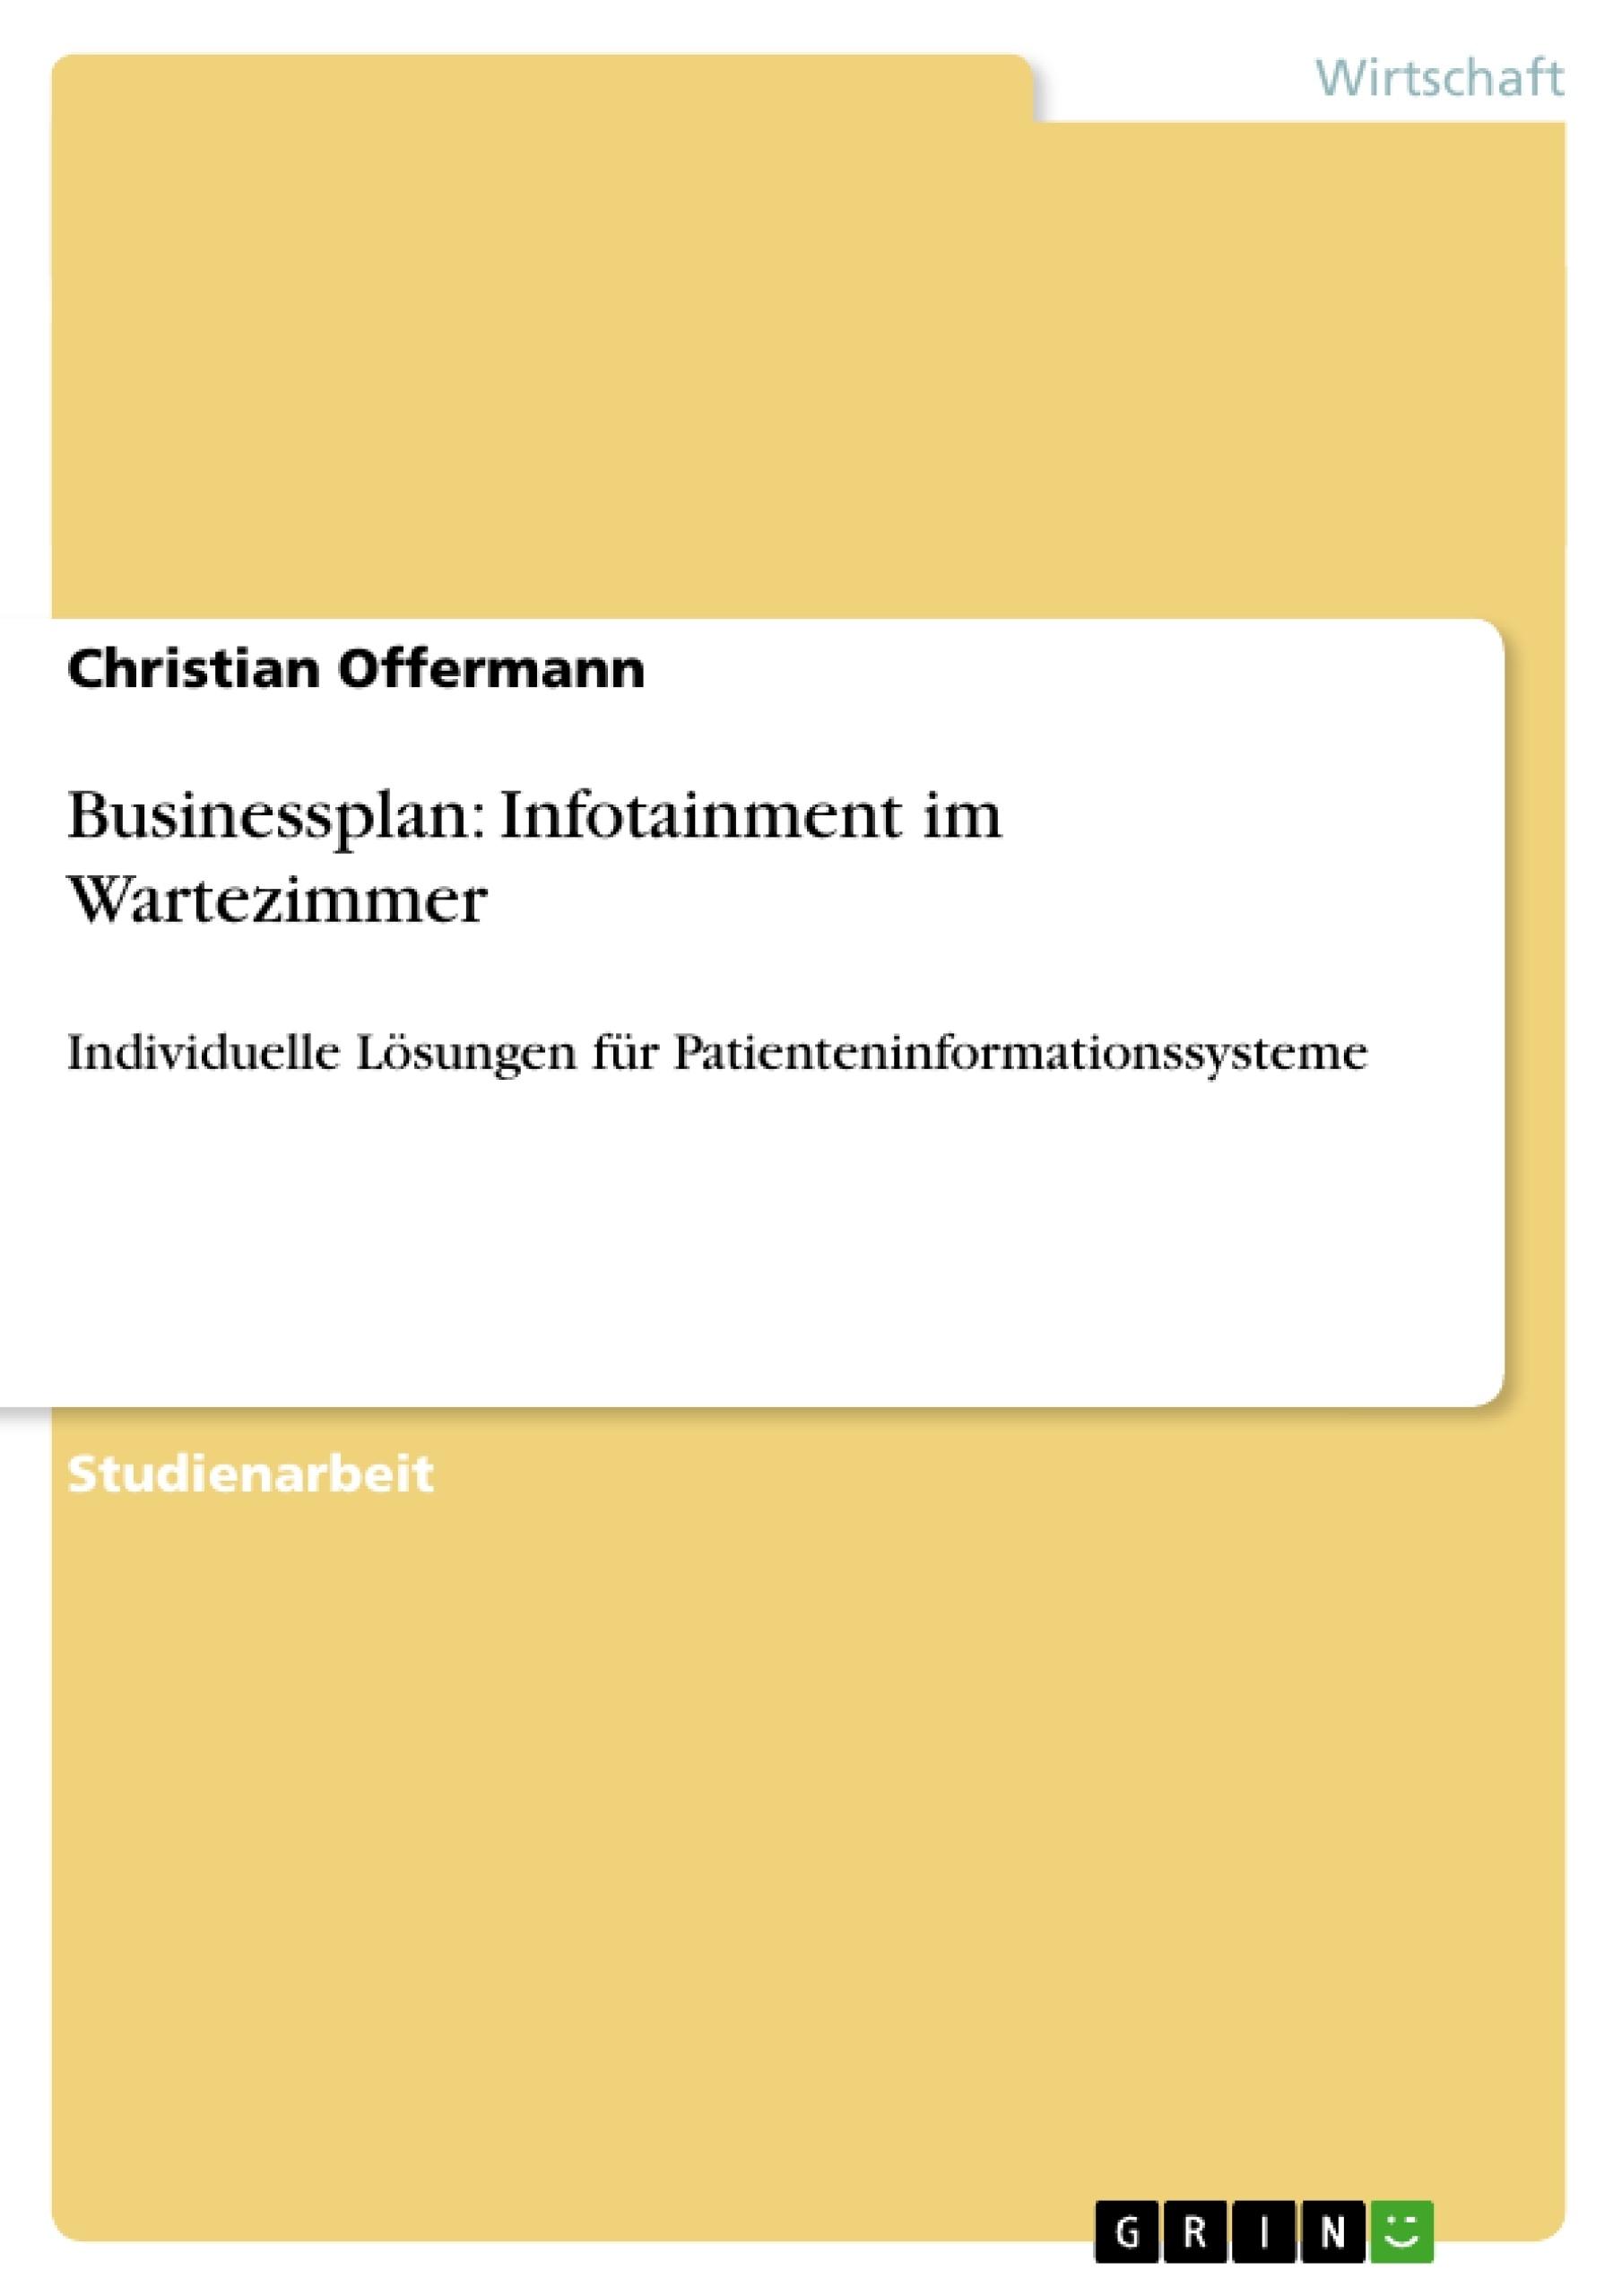 Titel: Businessplan: Infotainment im Wartezimmer